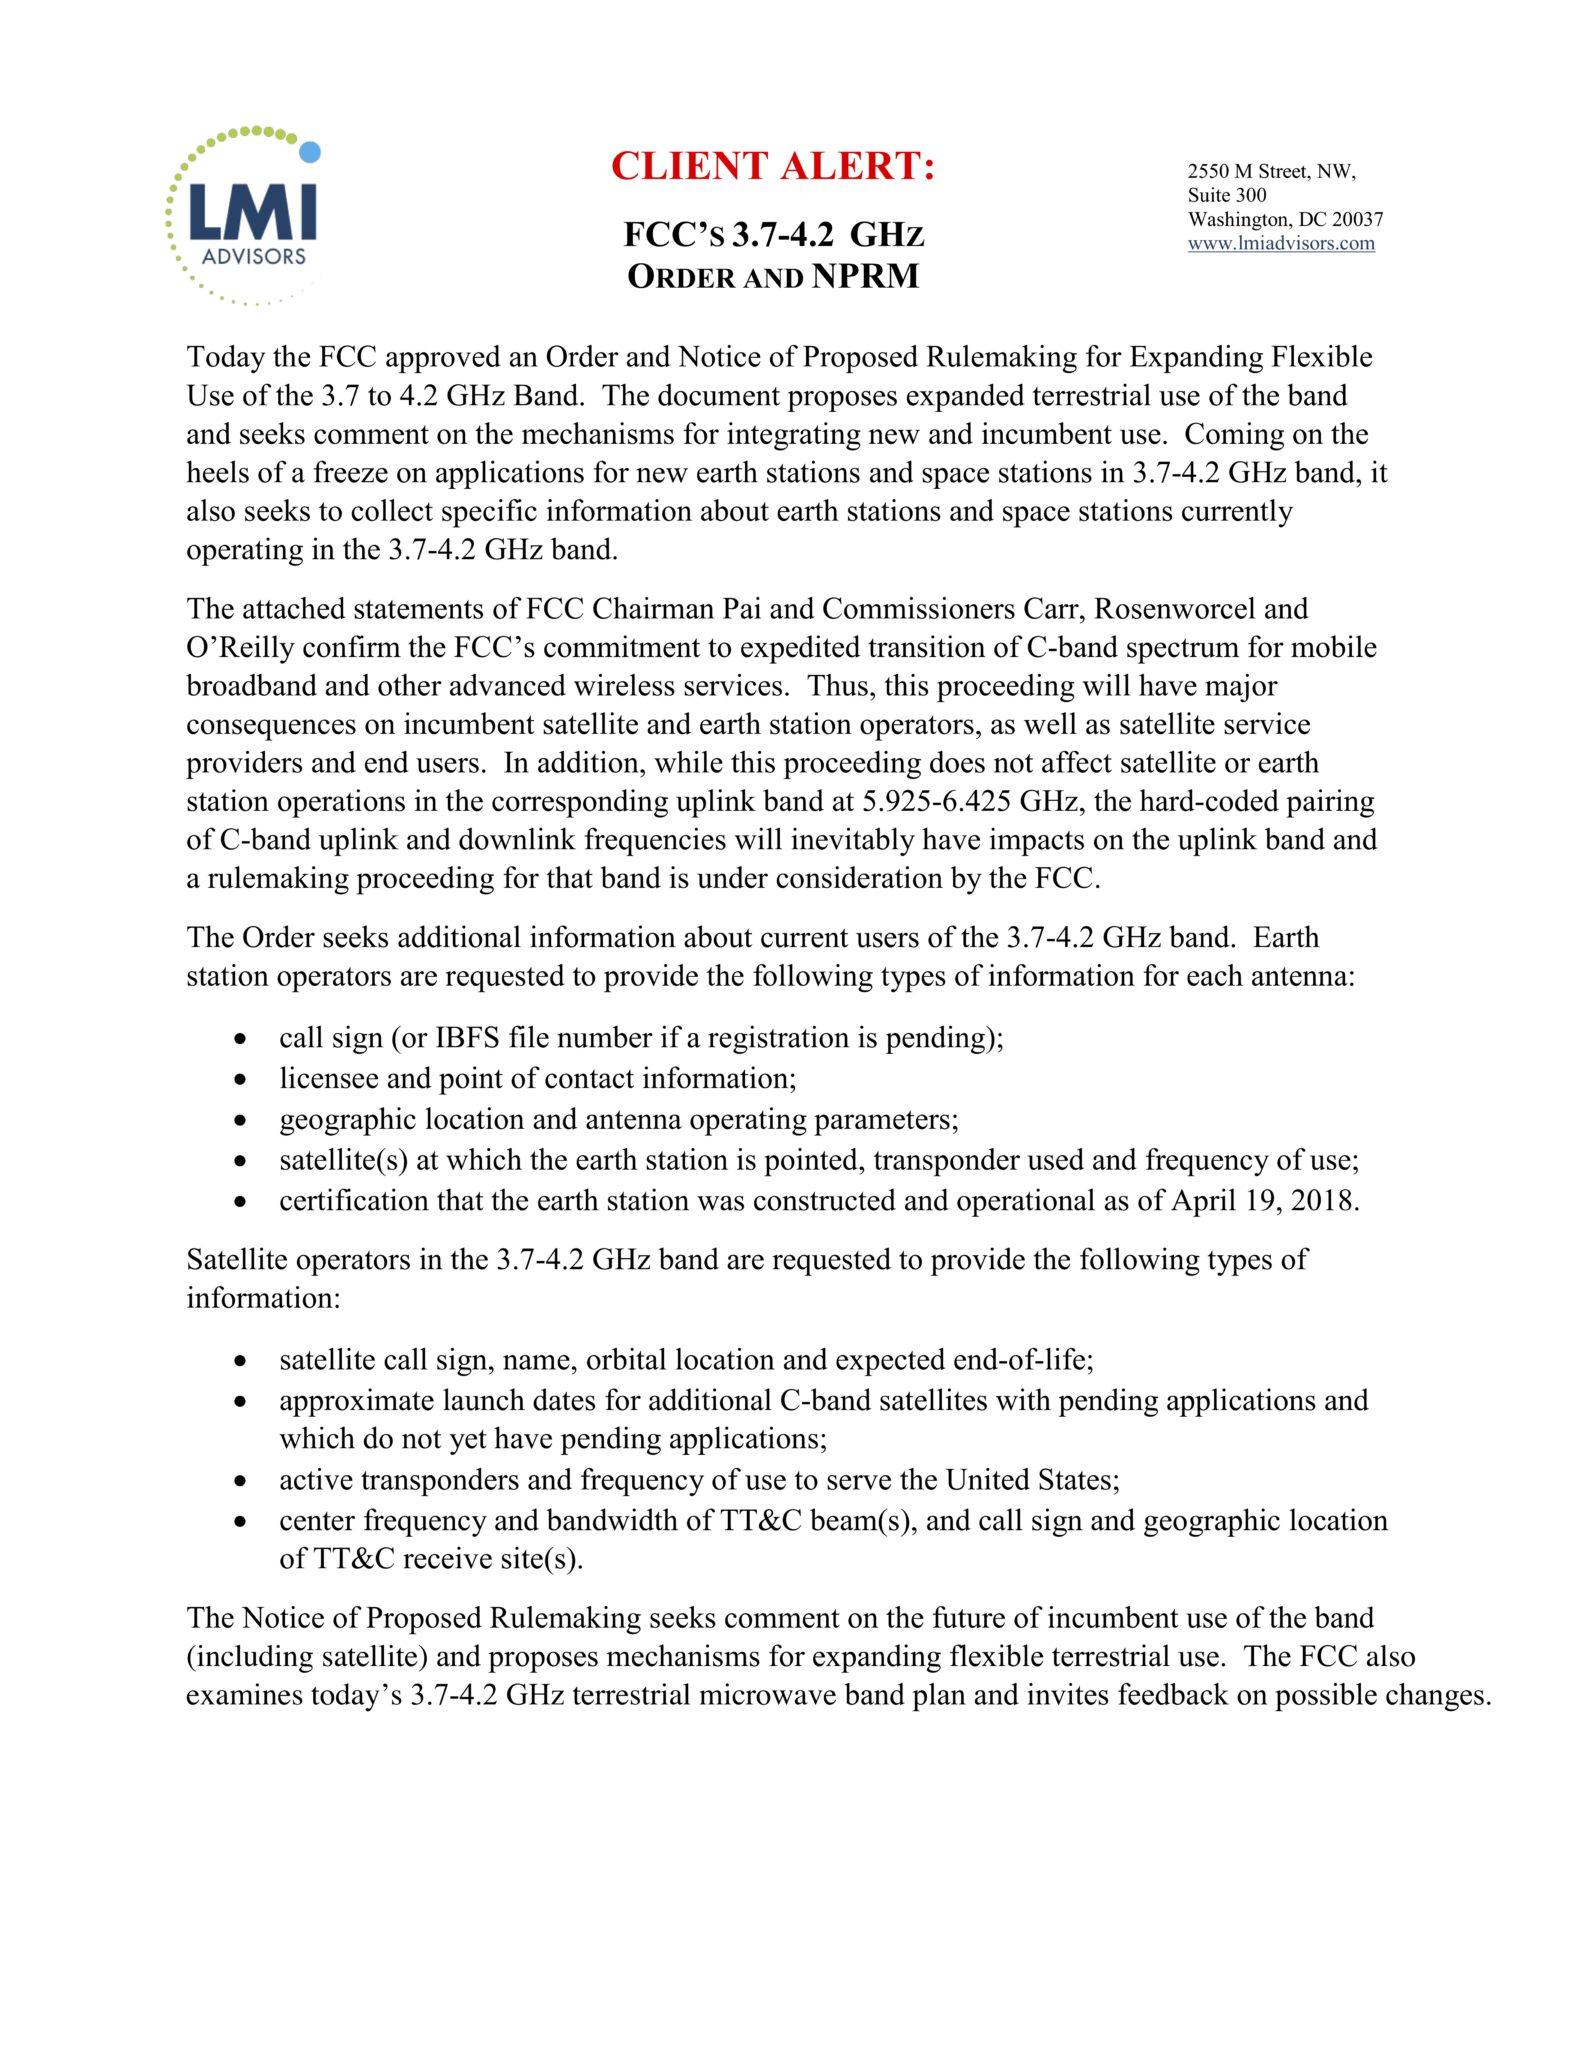 FCC'S 3.7-4.2 GHz Order and NPRM Client Alert